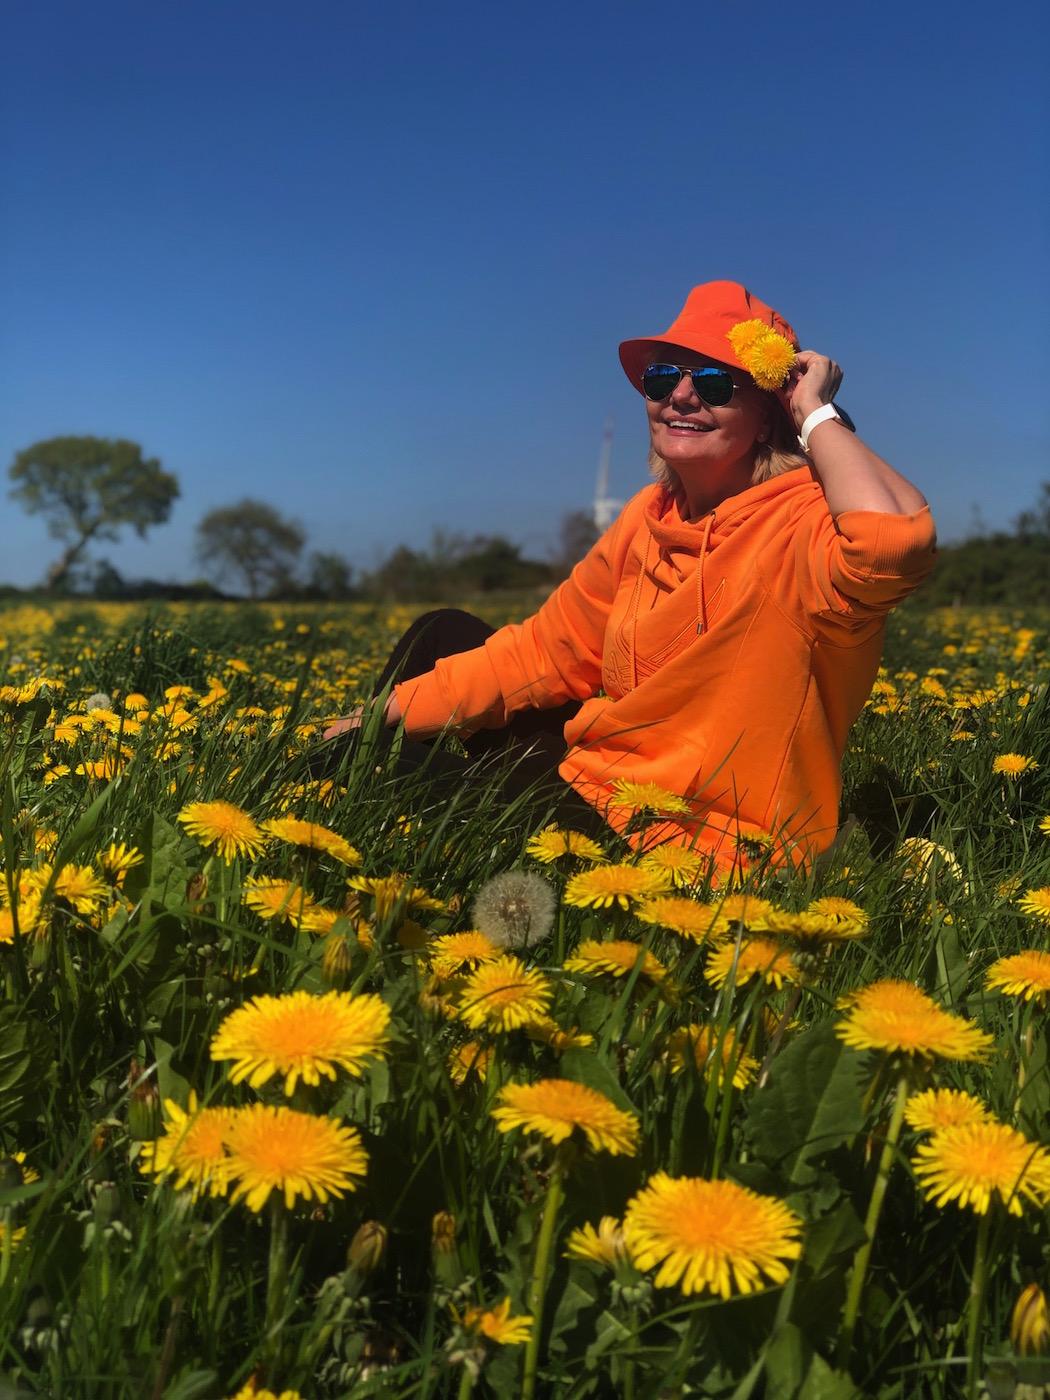 Frühlingsoutfit auf Butterblumenwiese